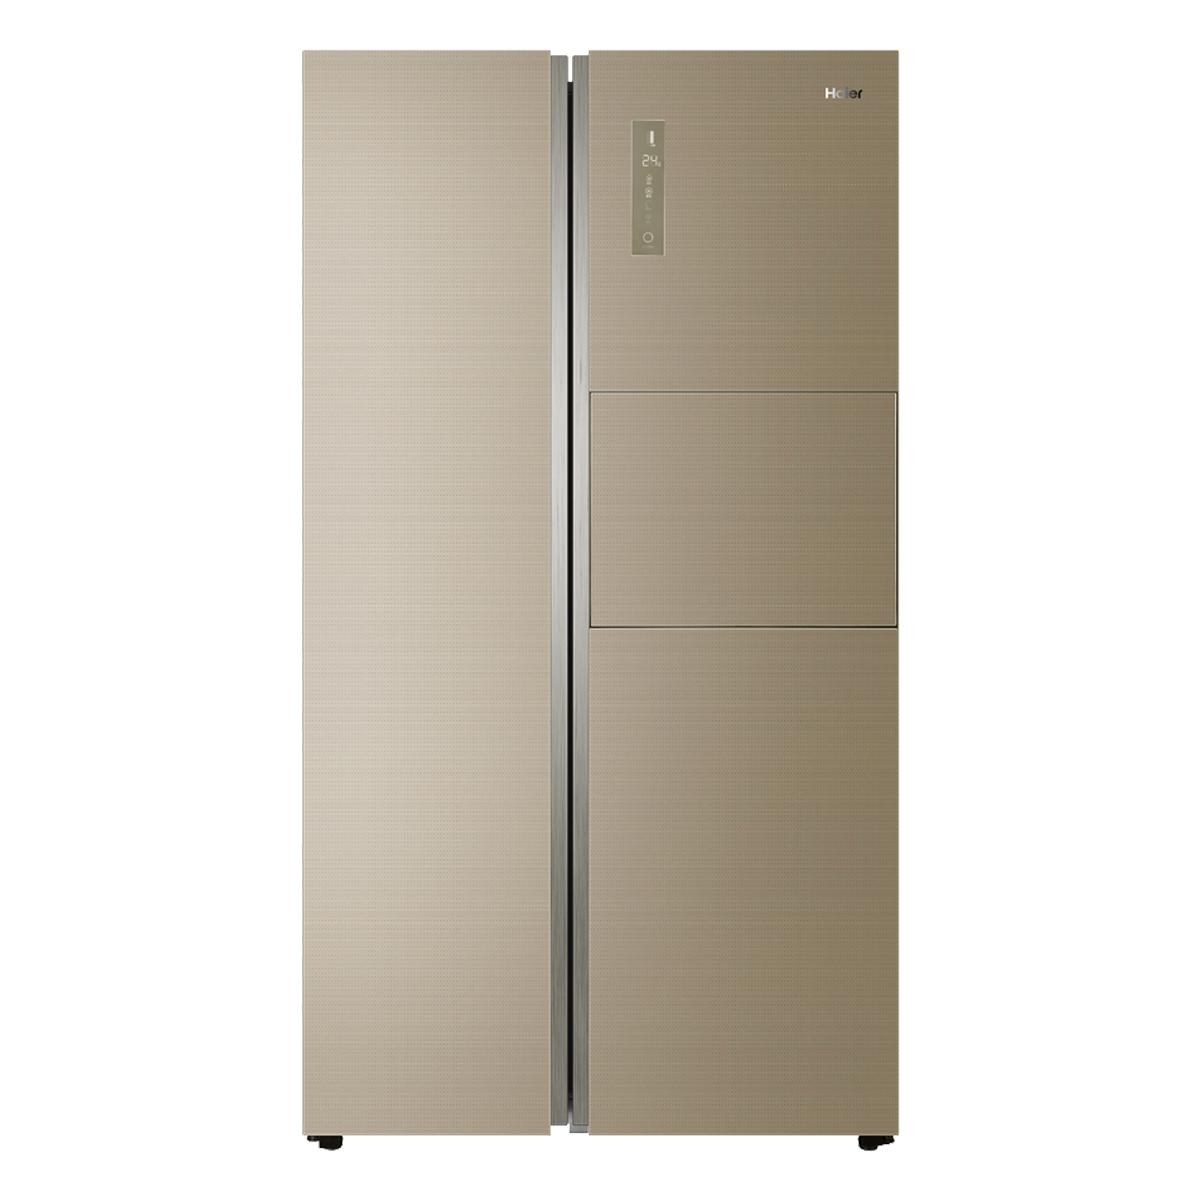 海尔Haier冰箱 BCD-796WBCN 说明书